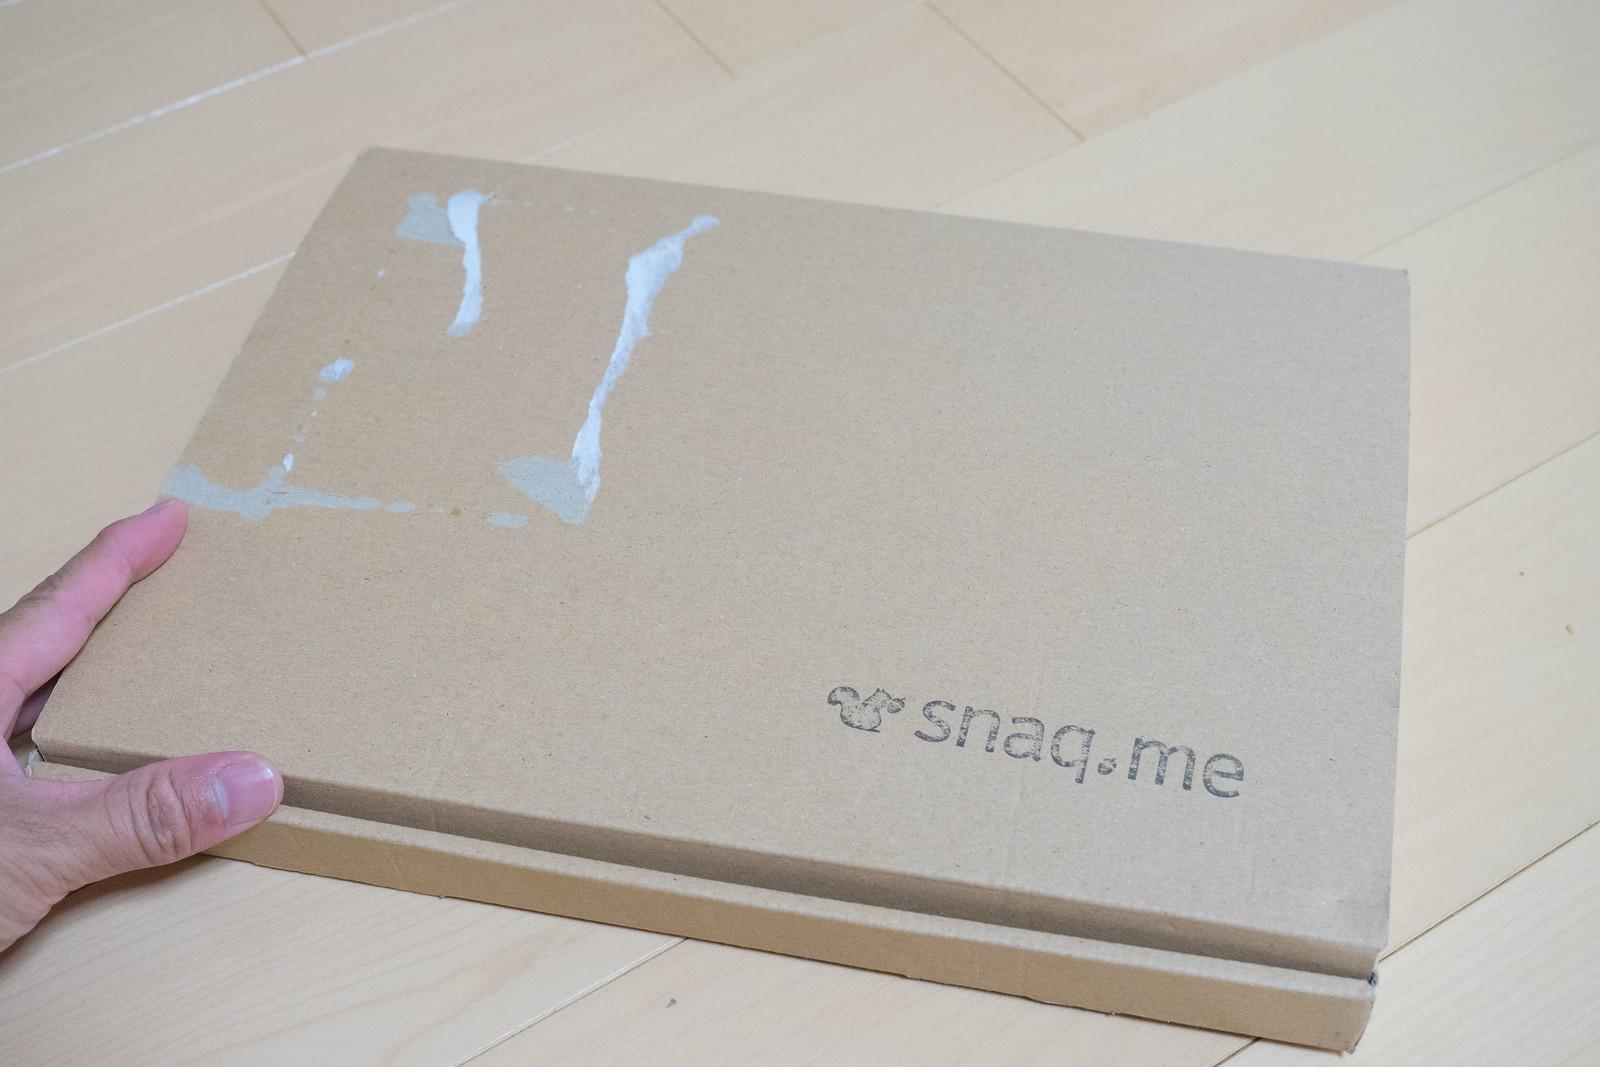 Snaq_me-1